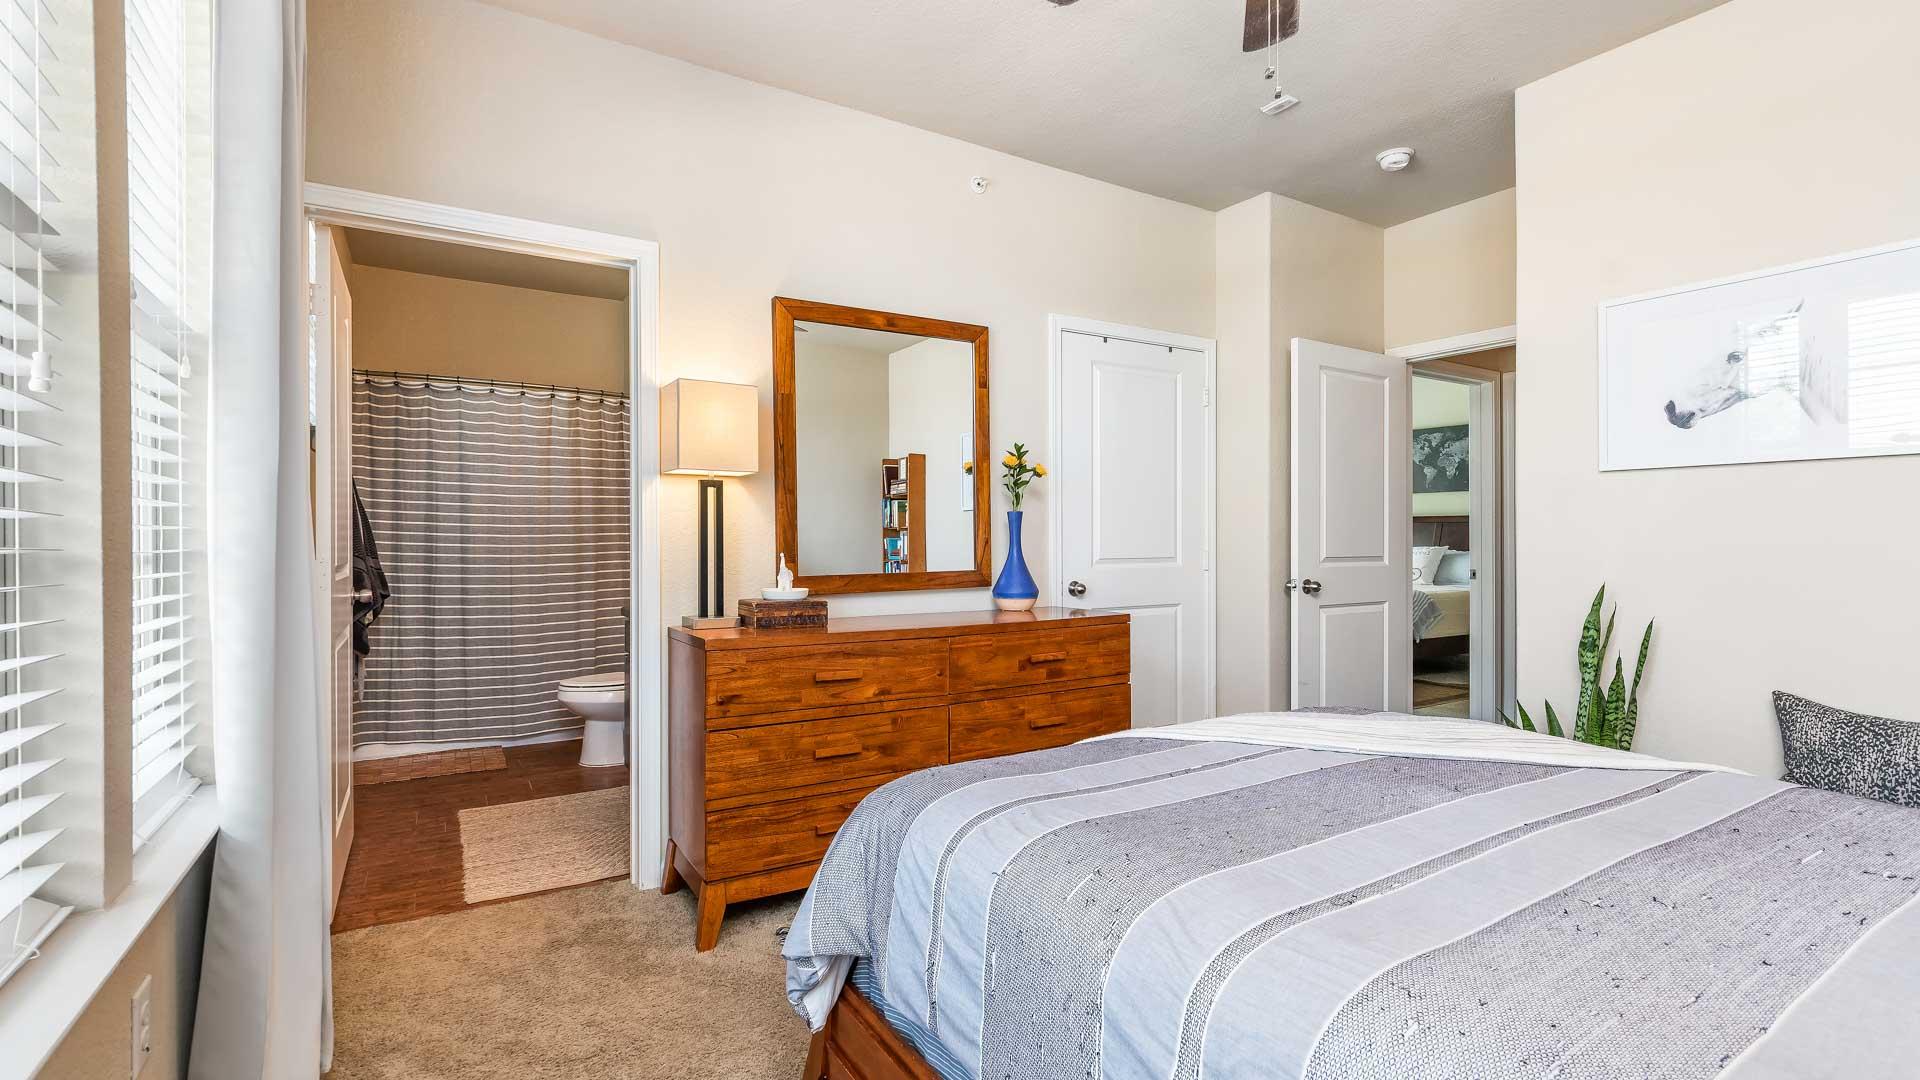 Master Bedroomin San Antonio at Springs at Alamo Ranch